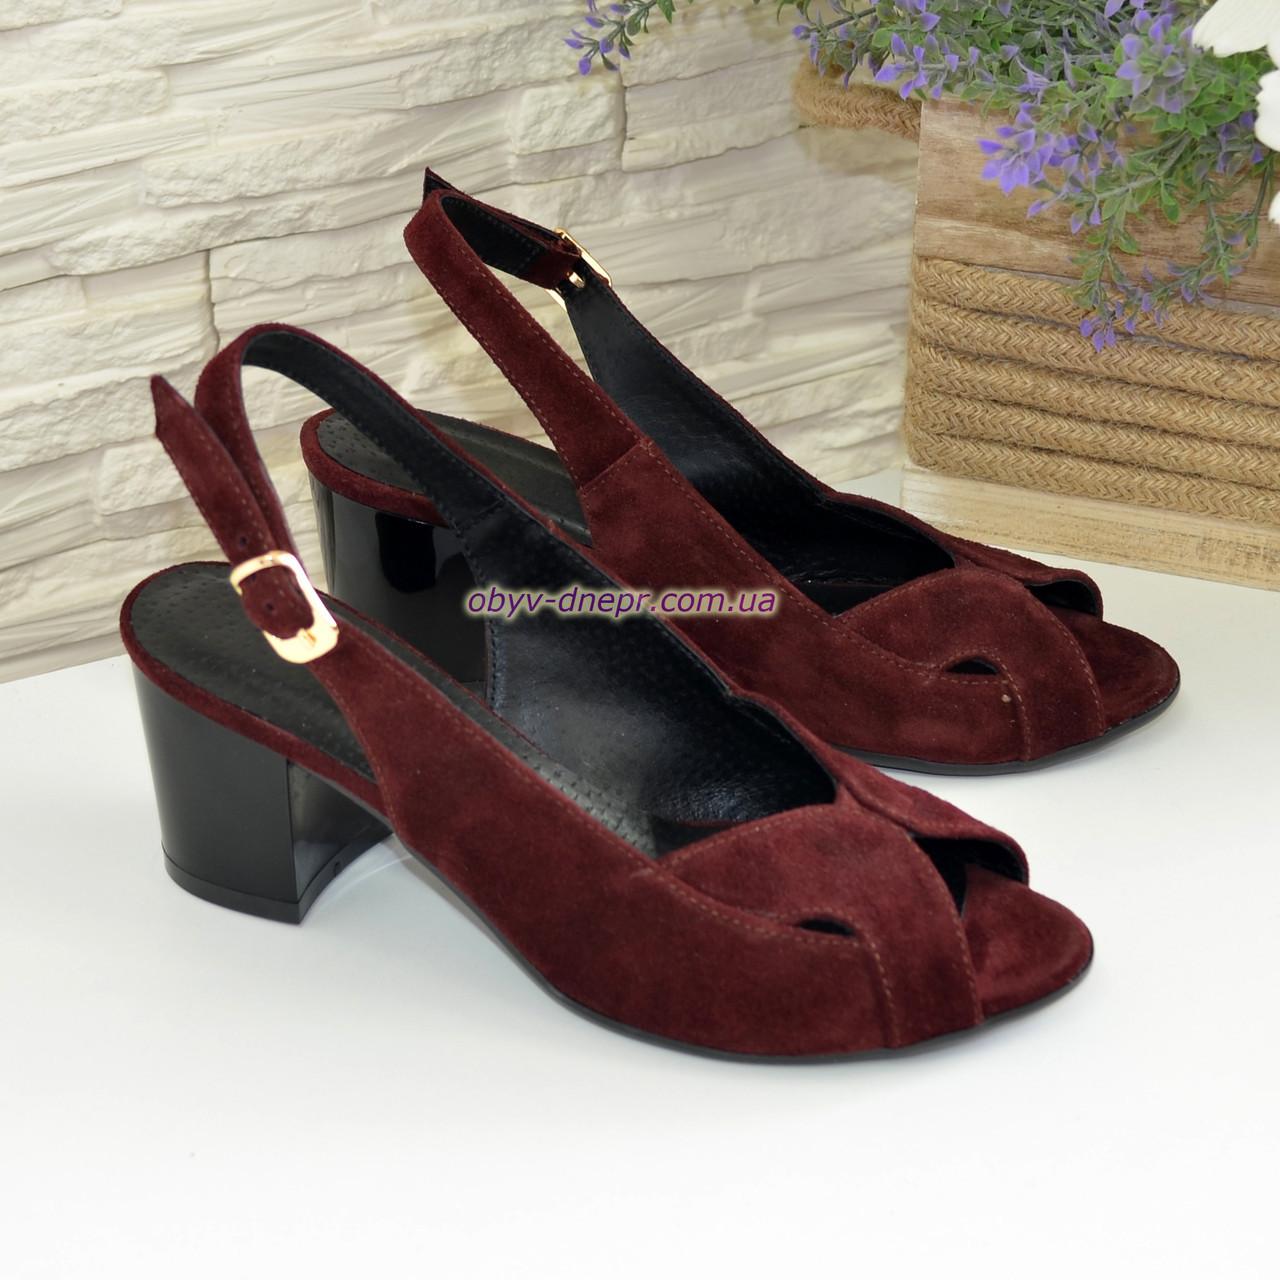 Женские бордовые босоножки на устойчивом каблуке, натуральная замша